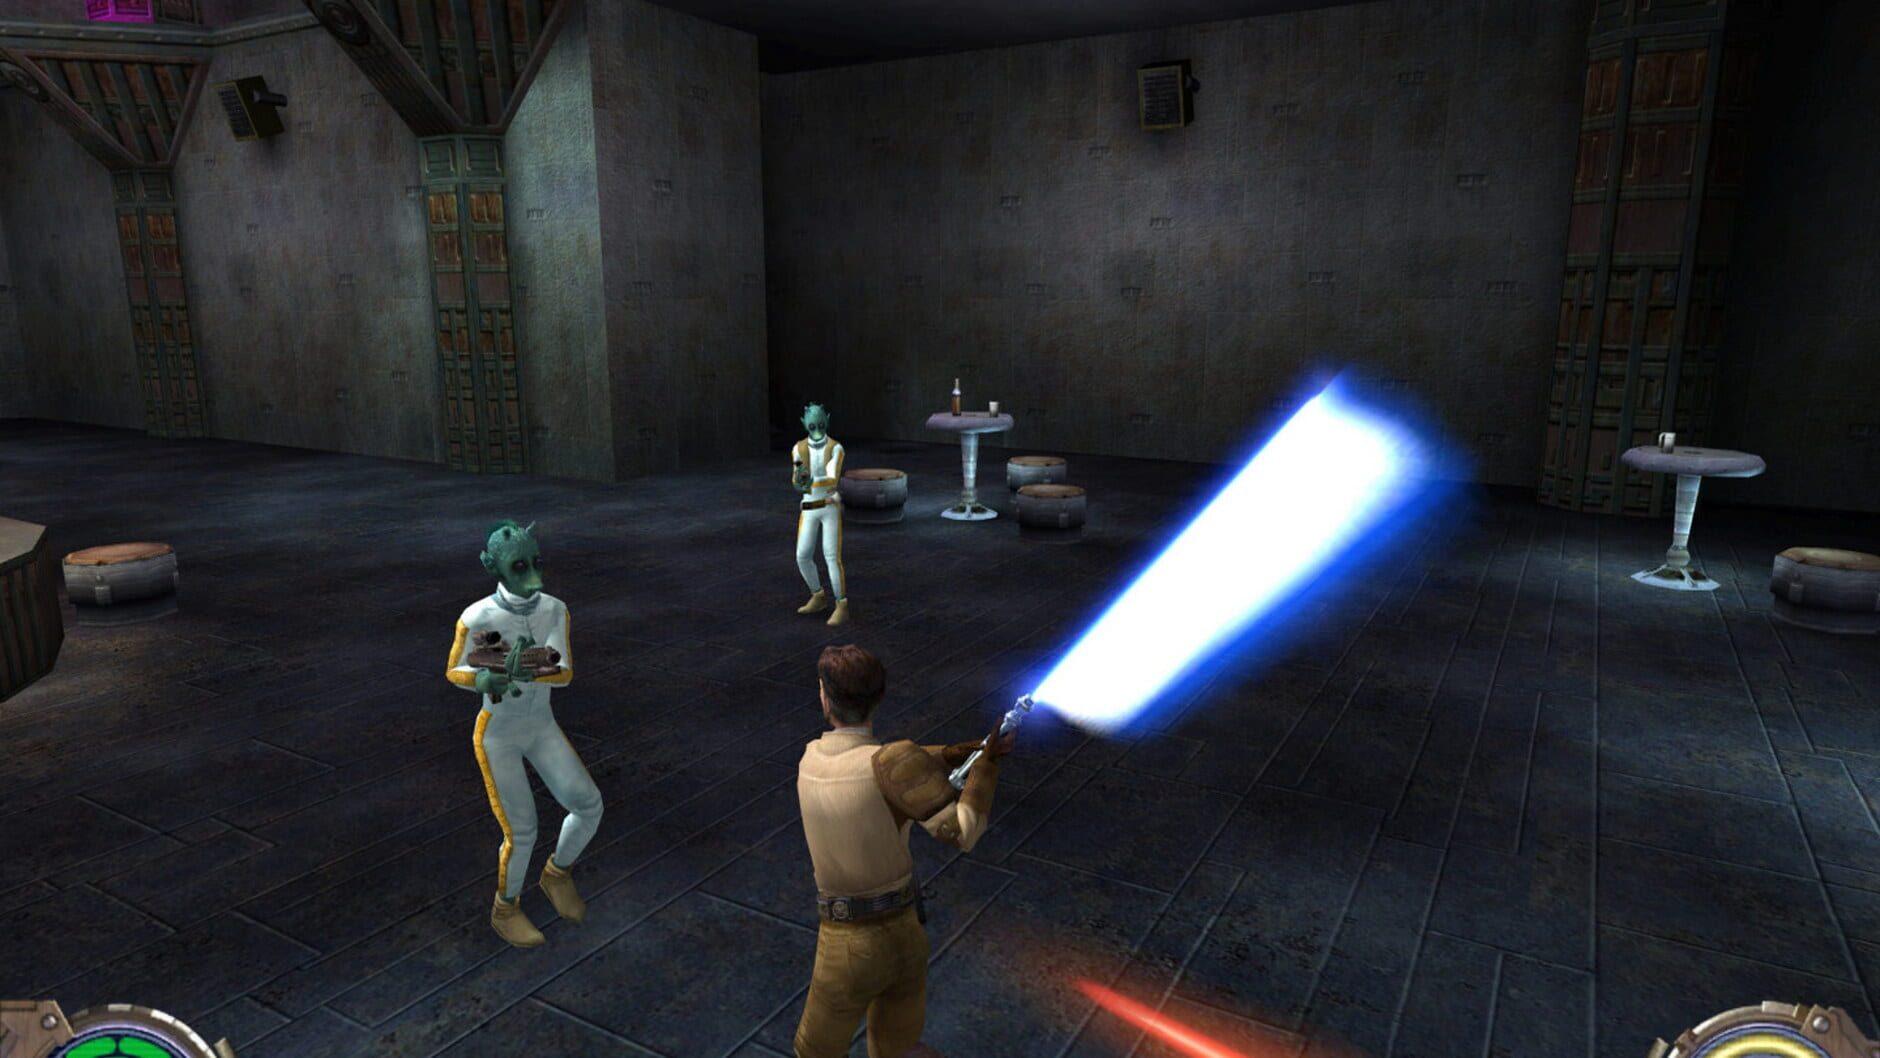 Star Wars: Jedi Knight II - Jedi Outcast - 3